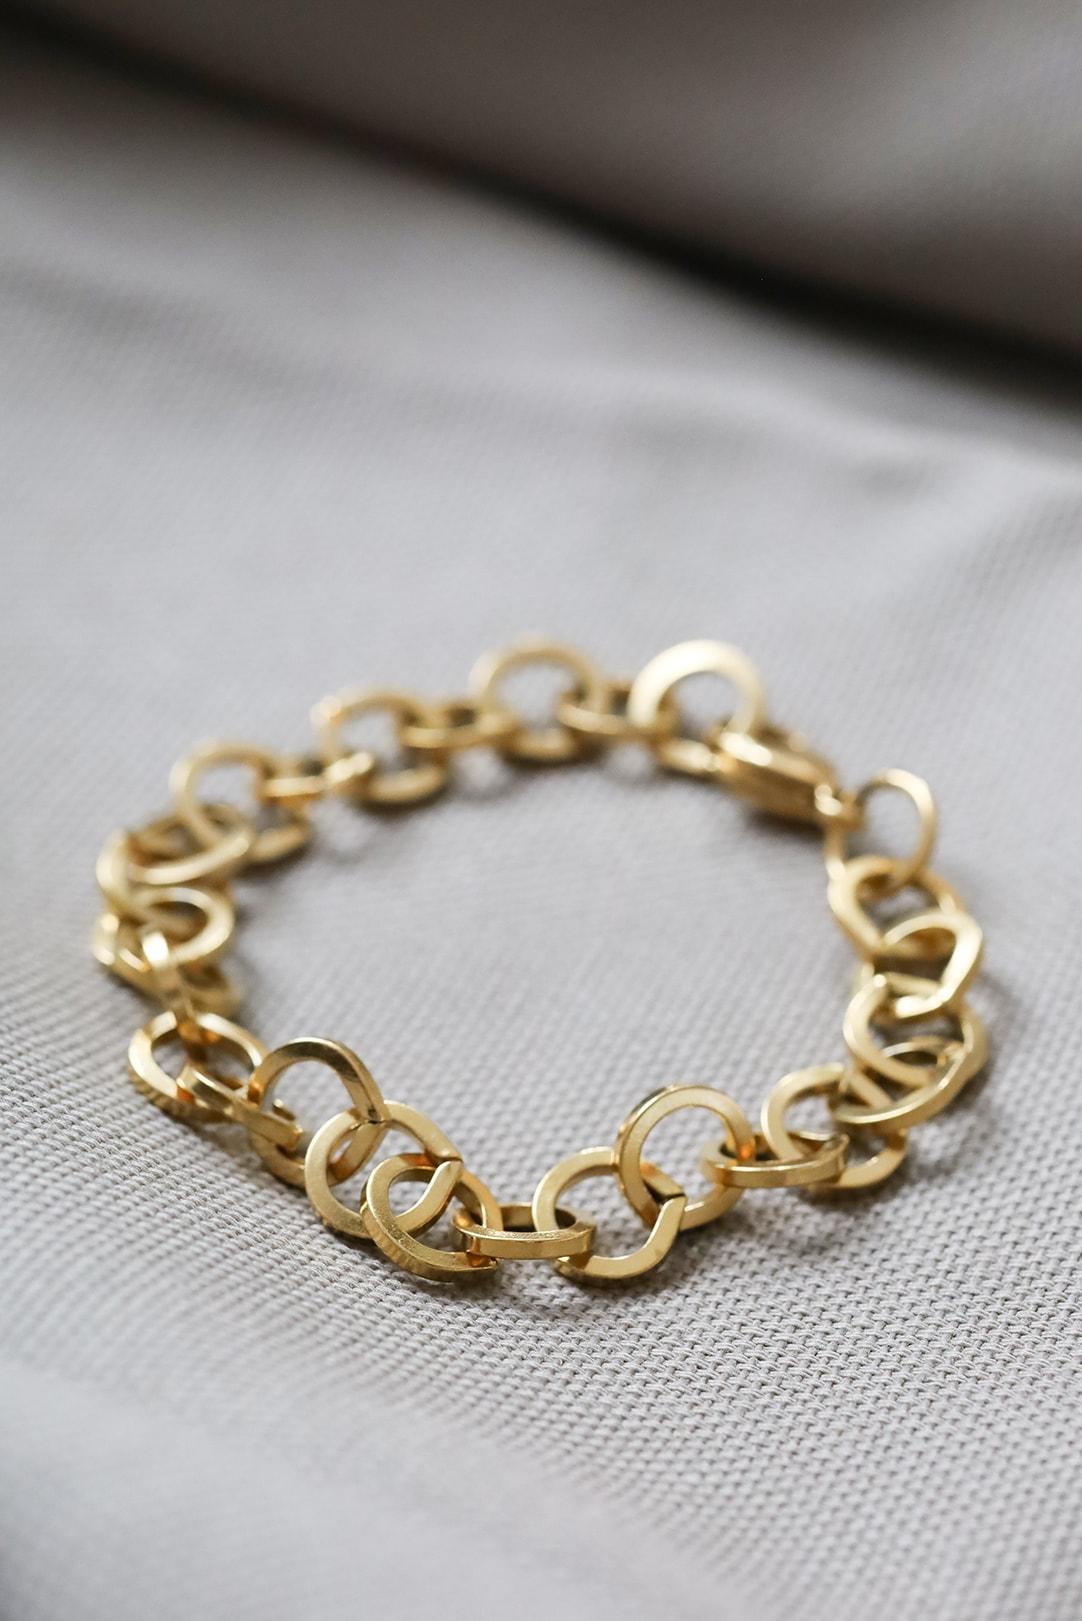 Armkette für Damen gold